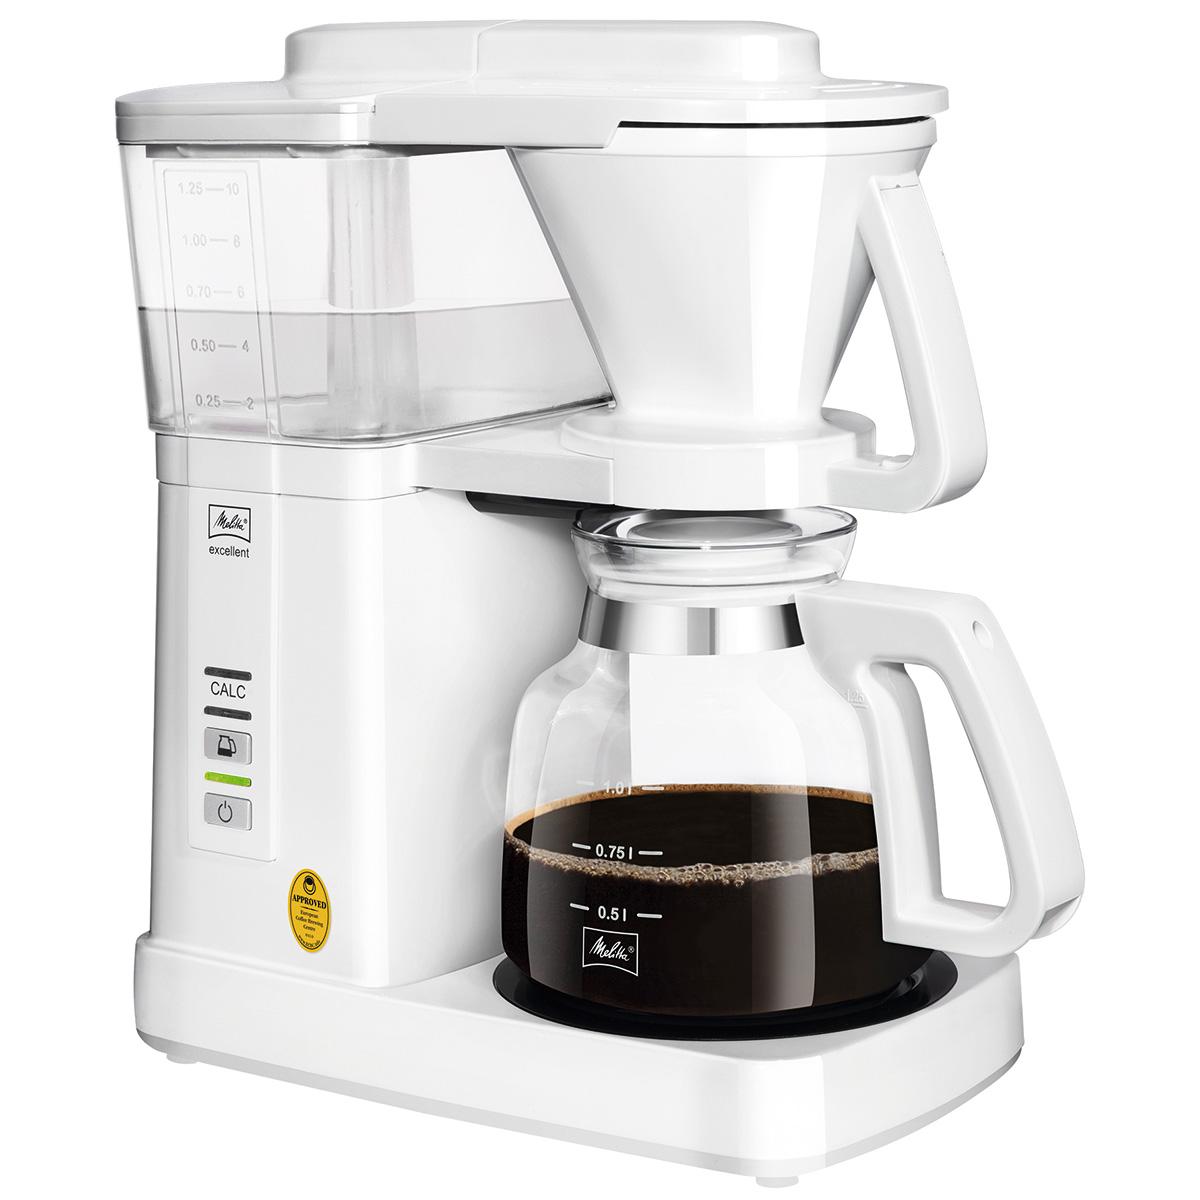 Billede af Melitta kaffemaskine - Excellent 5.0 - Hvid